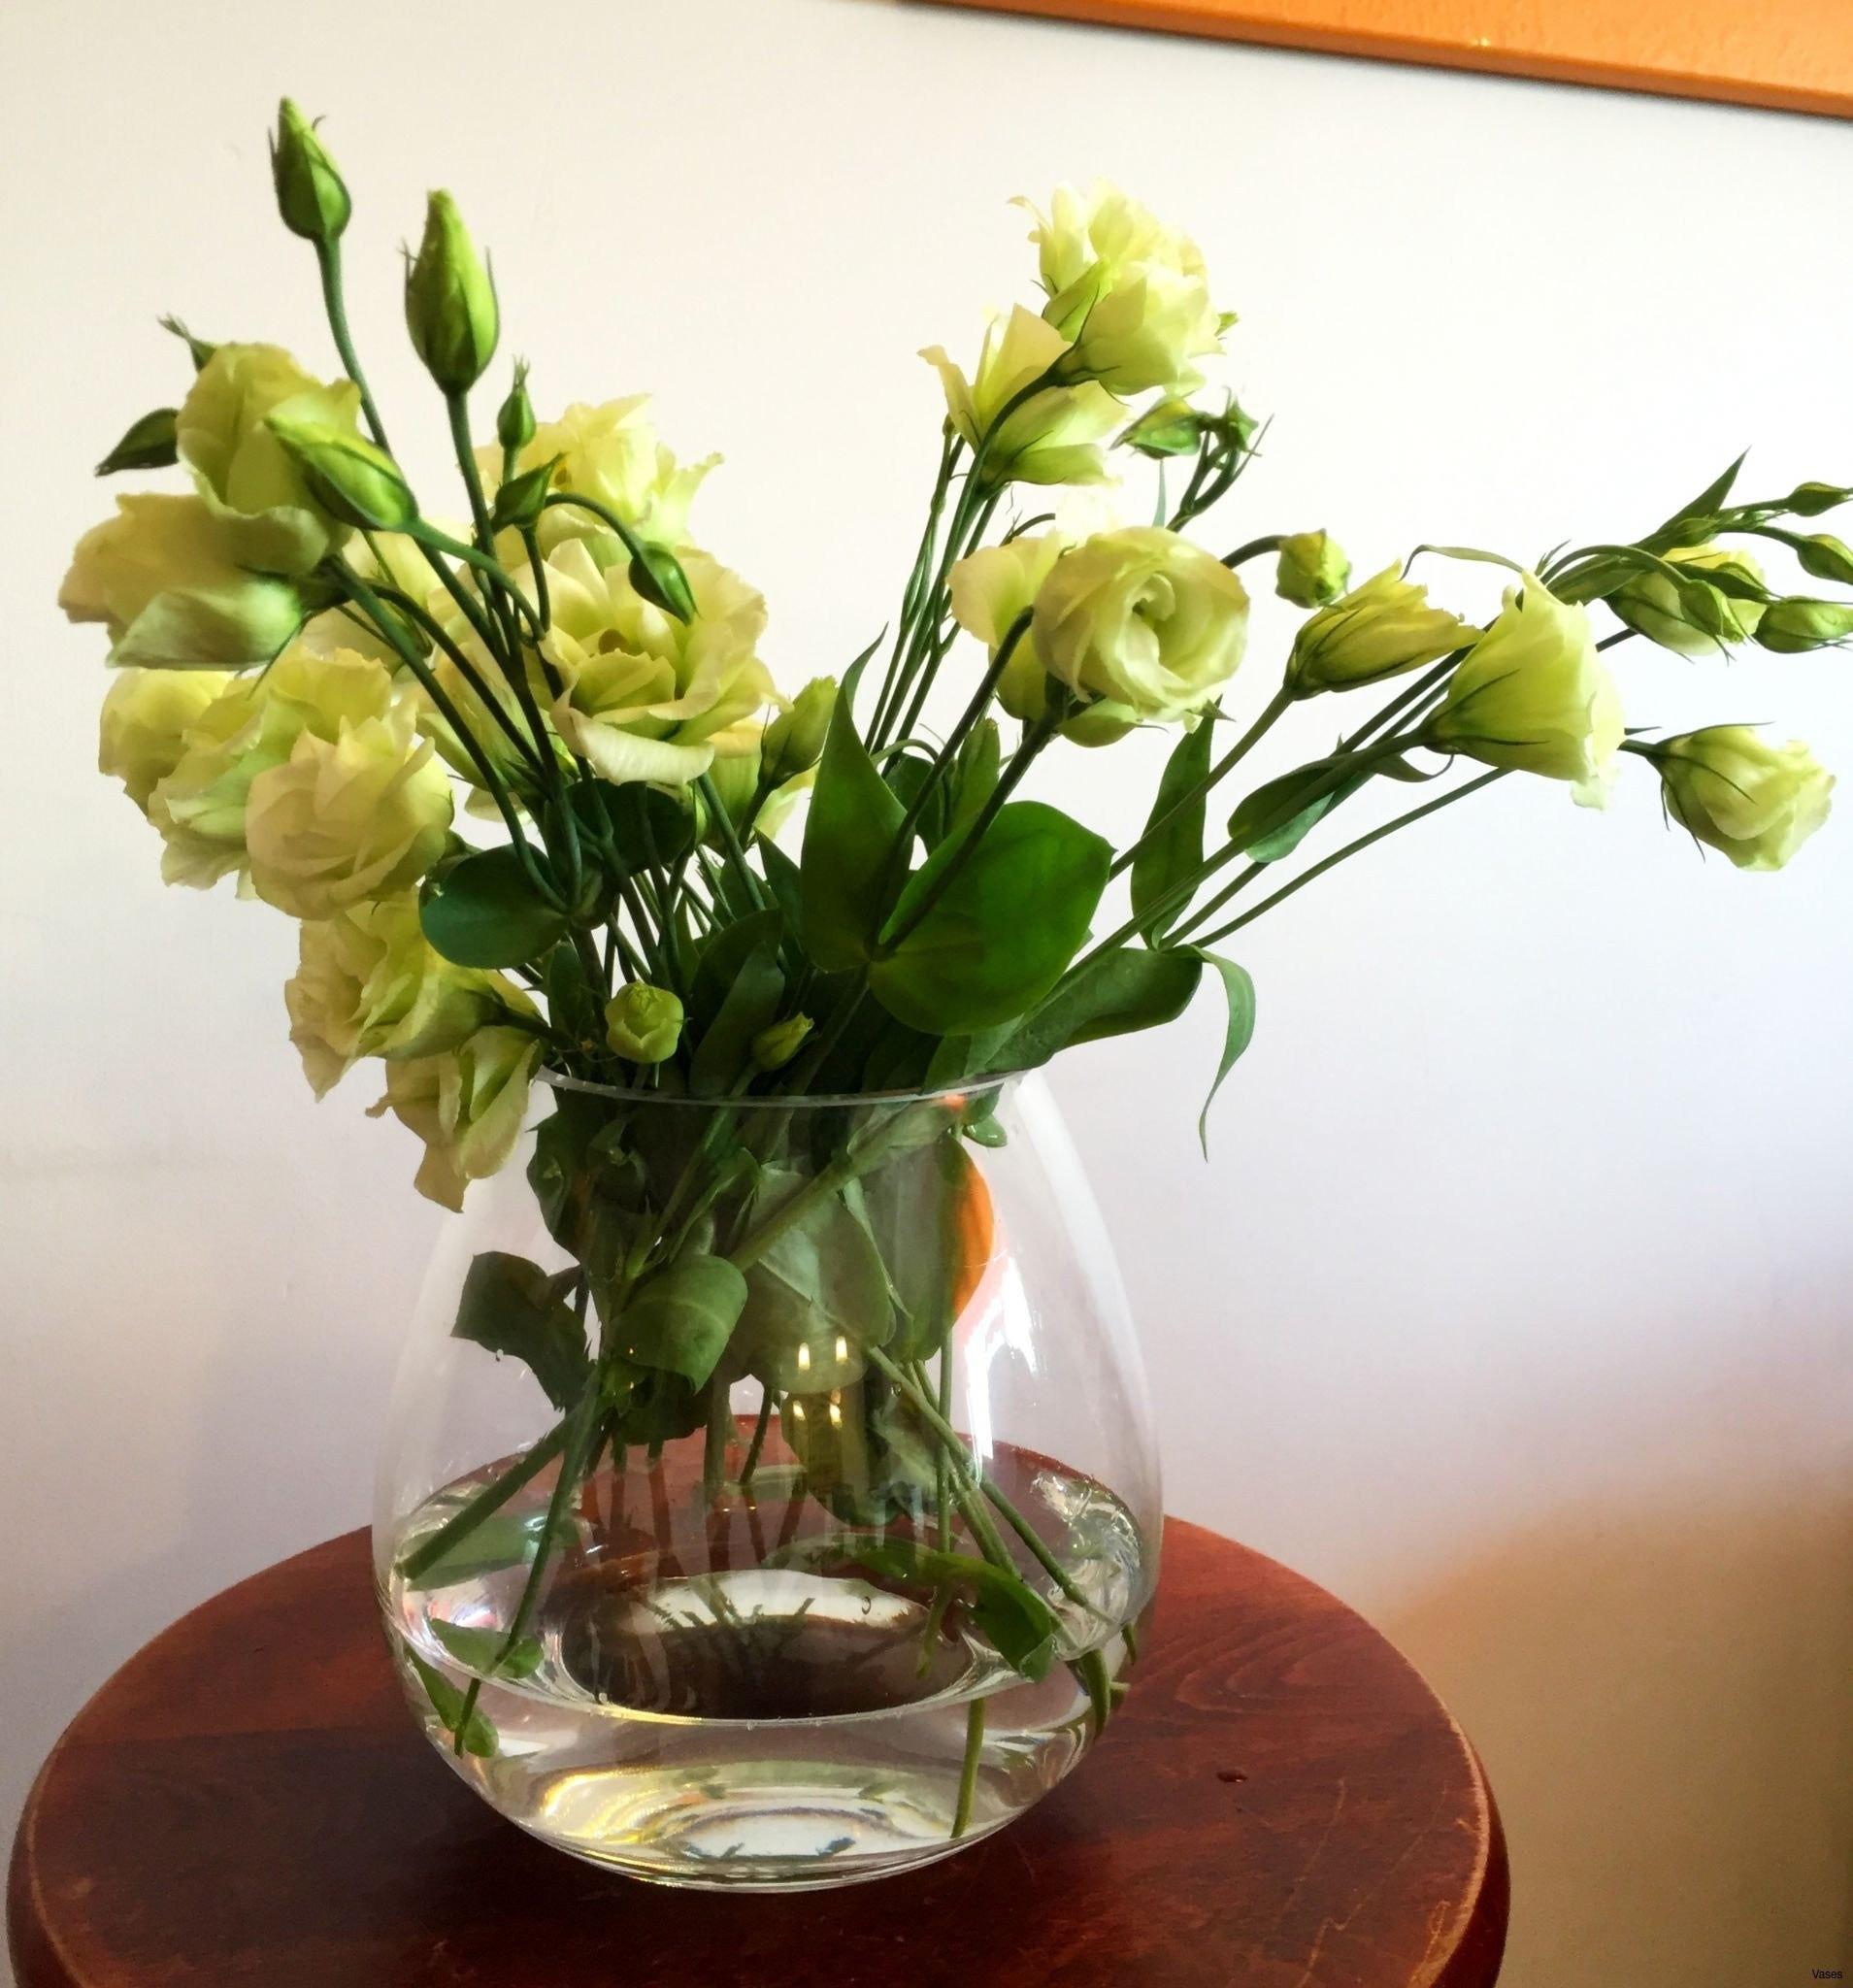 36 inch glass floor vase of flower vase floor lamp flower vase table 04h vases tablei 0d clipart in flower vase floor lamp flower vase table 04h vases tablei 0d clipart dining base end design